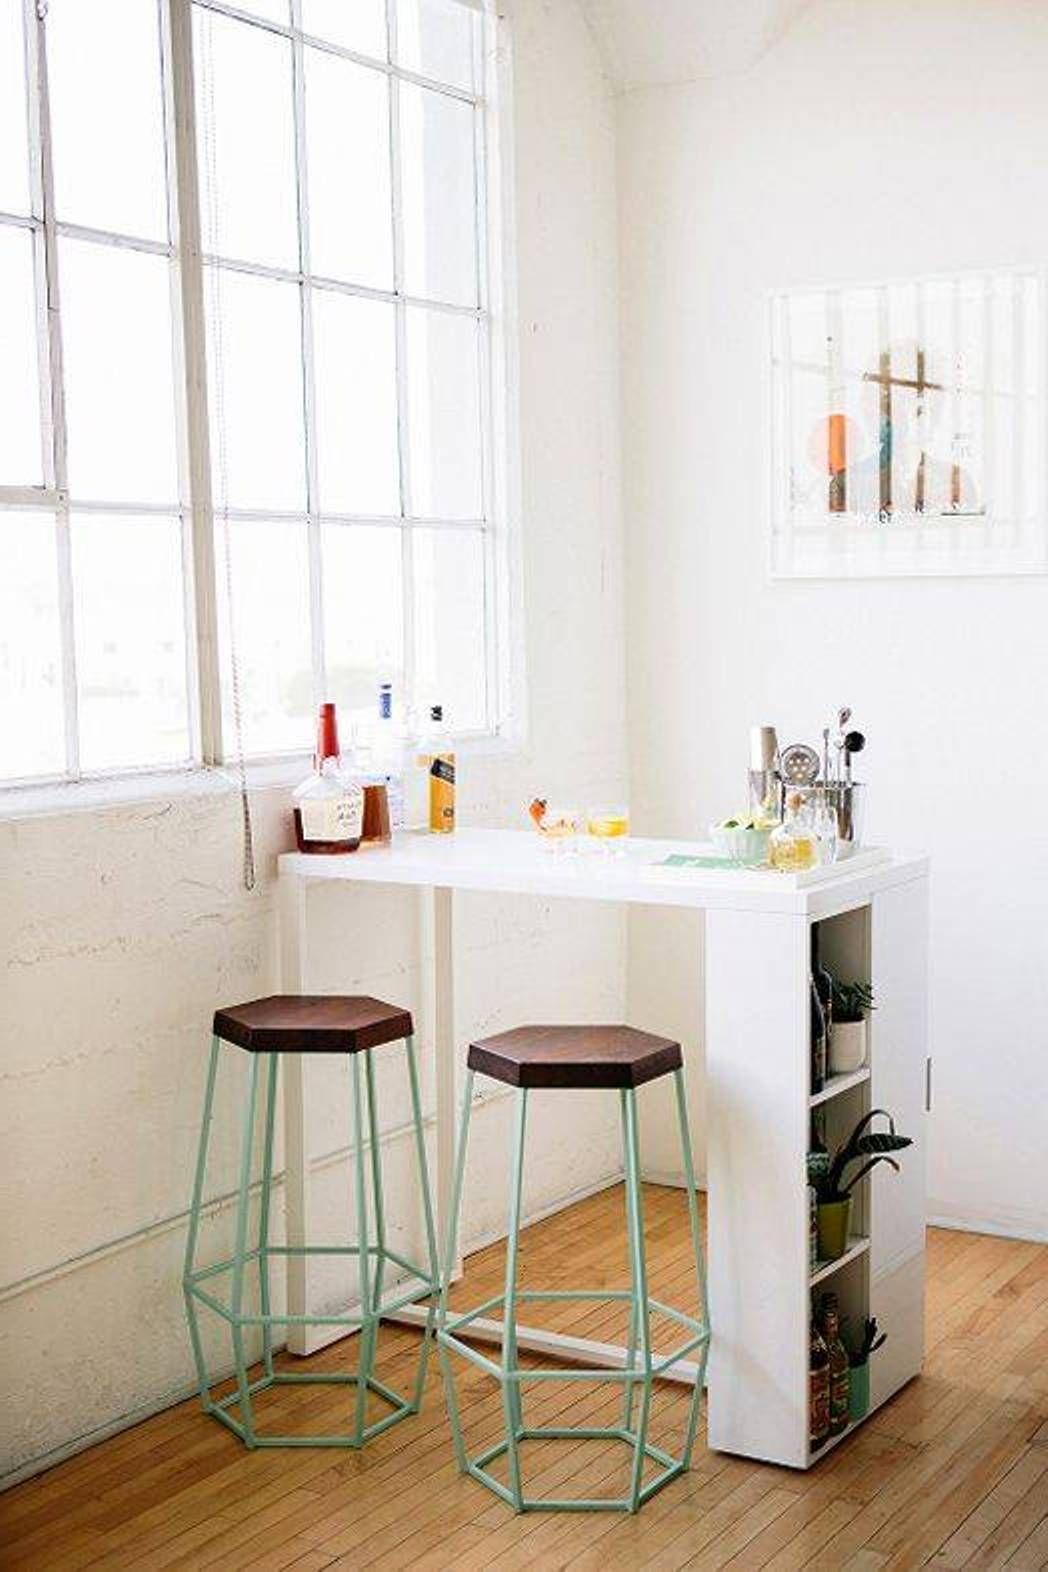 bar kitchen table small kitchen table ideas Bar voor in een kleine keuken Ook leuk in een studio als scheiding tussen keuken